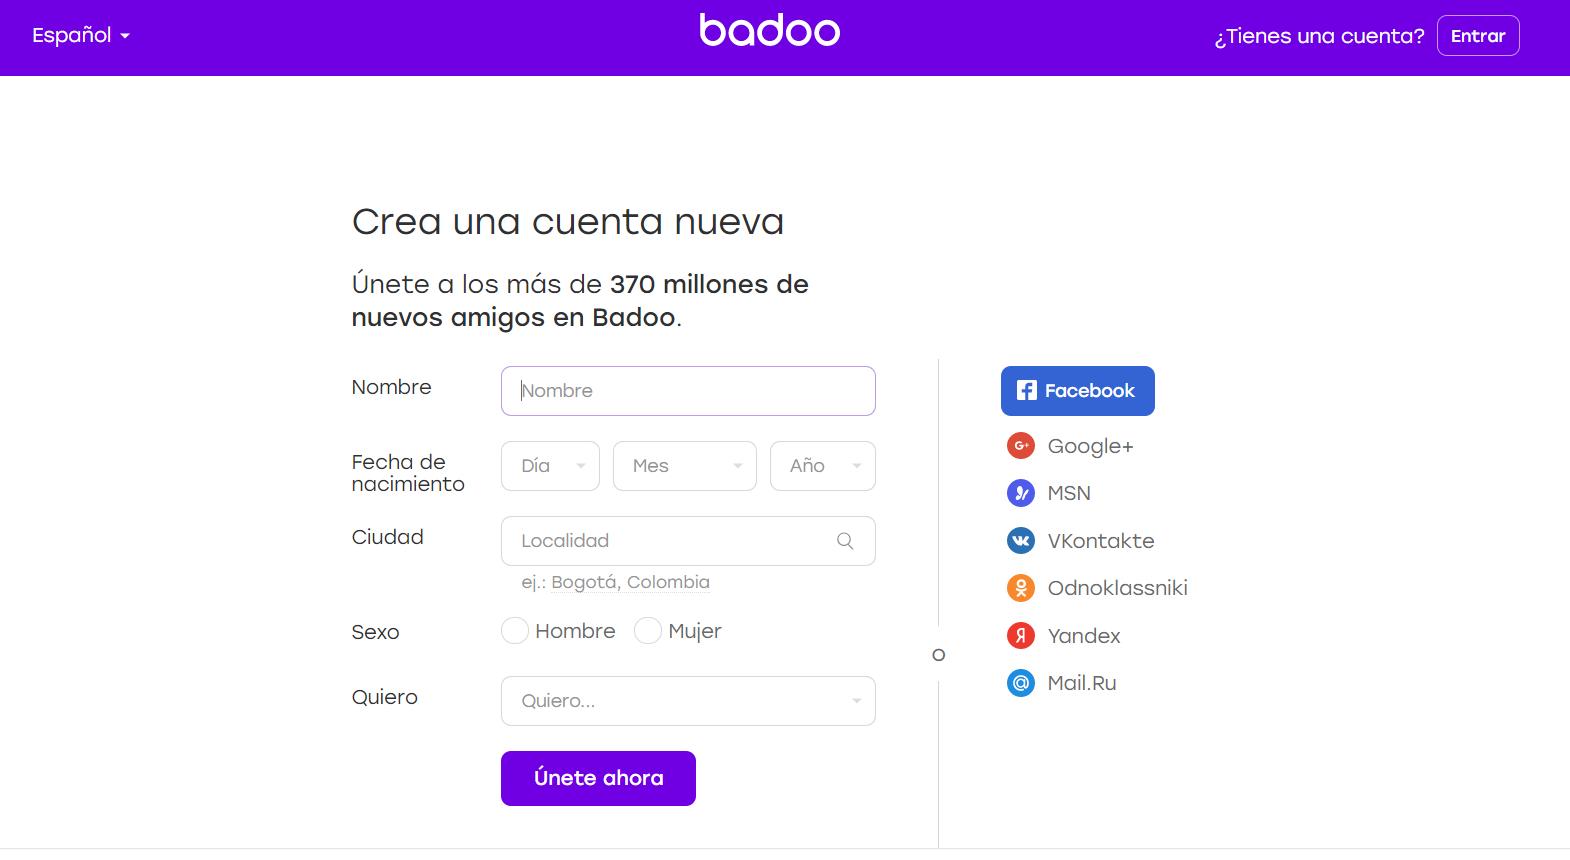 Cómo ingresar en Badoo